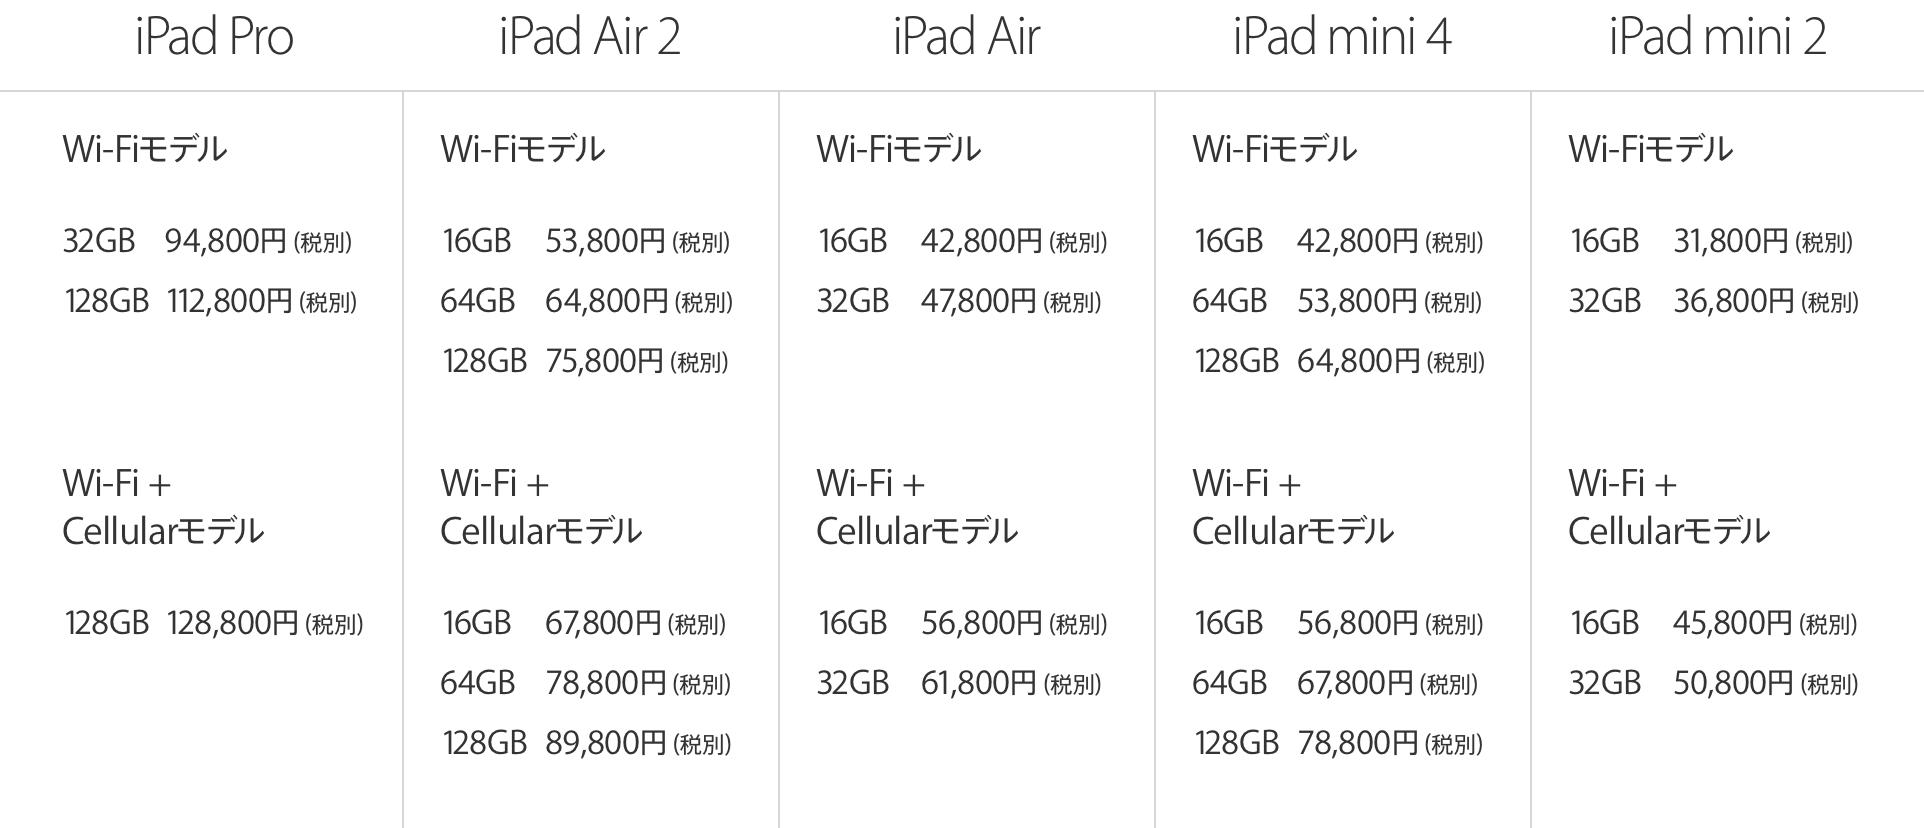 iPadシリーズの価格表2016年1月版